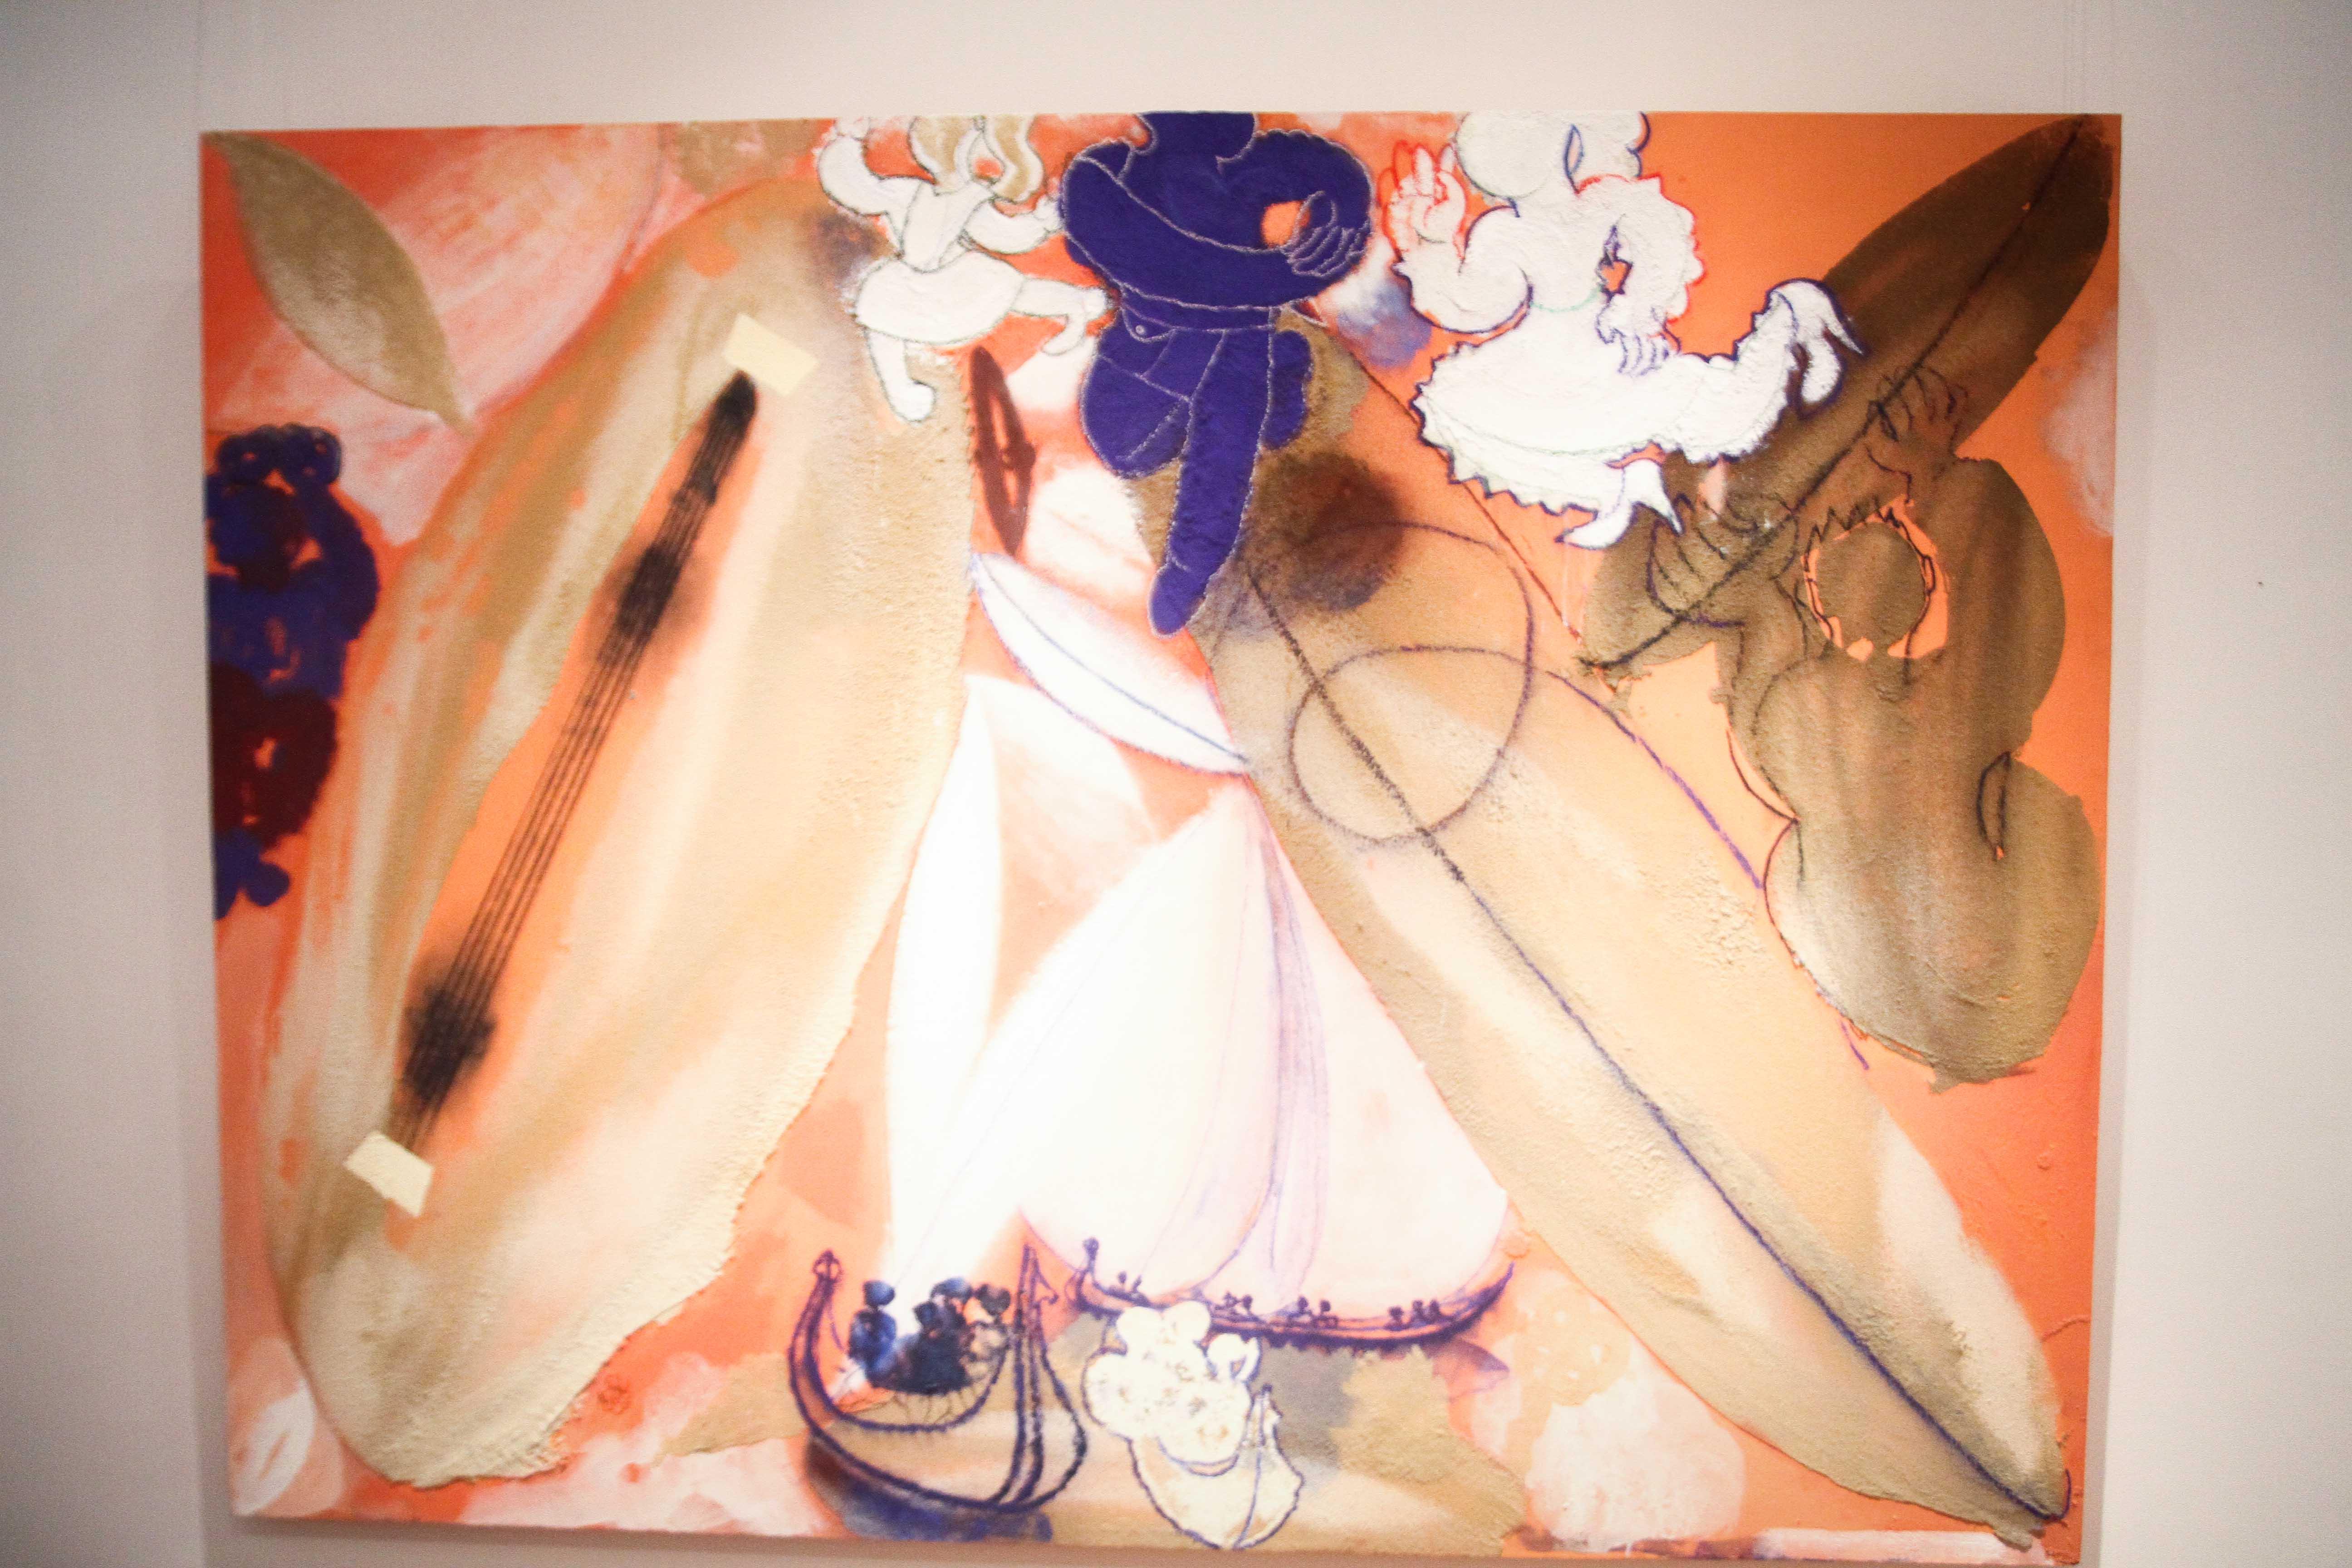 معرض مصر ستعاود العطاء للفنان فرغى عبد الحفيظ (16)